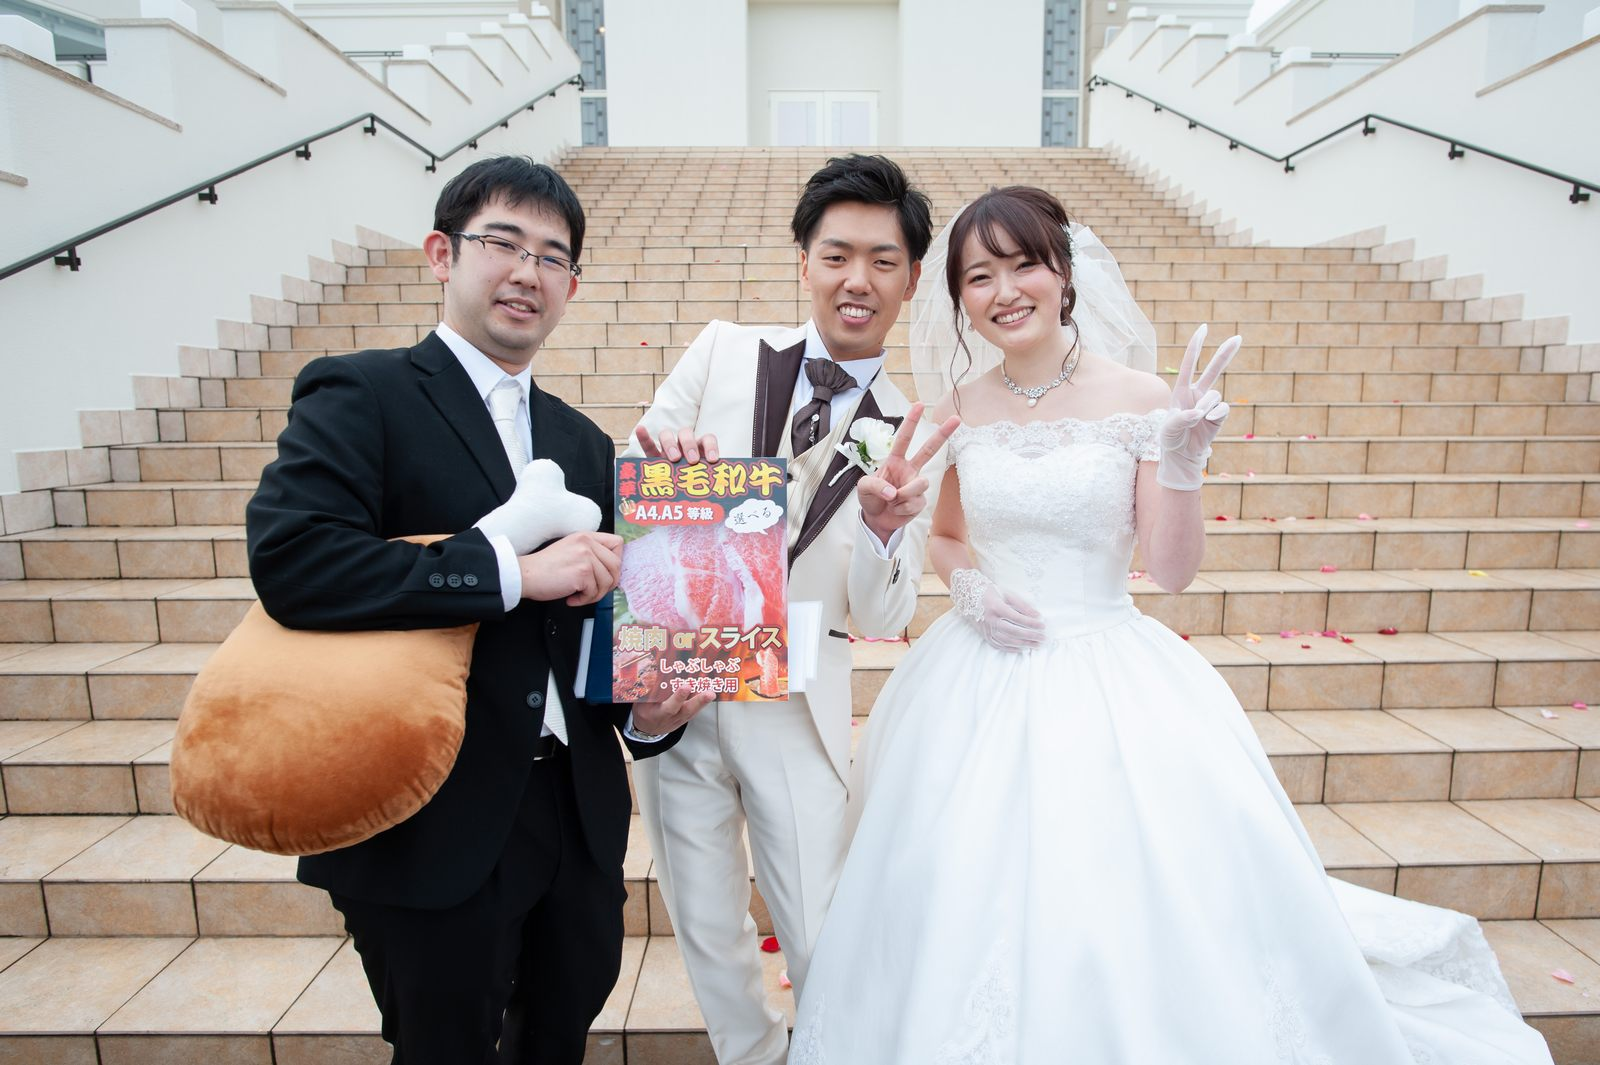 徳島市の結婚式場ブランアンジュのアフターセレモニーでお肉をキャッチしたゲストと記念写真をとる新郎新婦